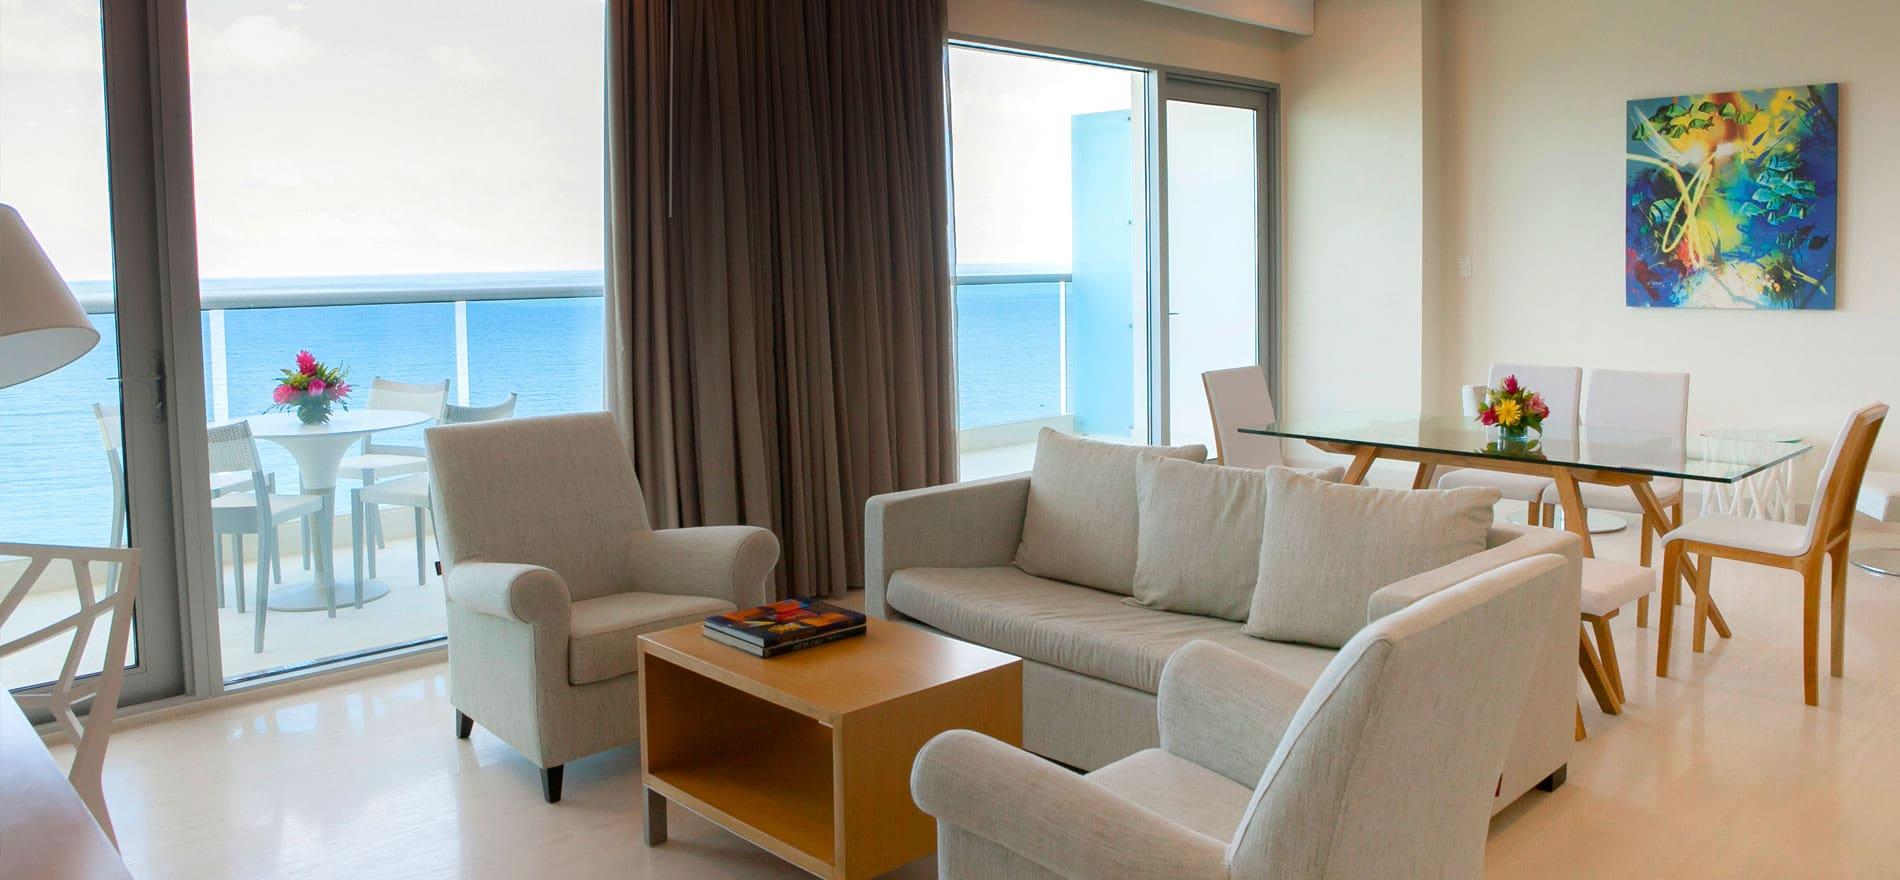 Habitación Suite Presidencial Torre del Mar entre las mejores habitaciones en cartagena.